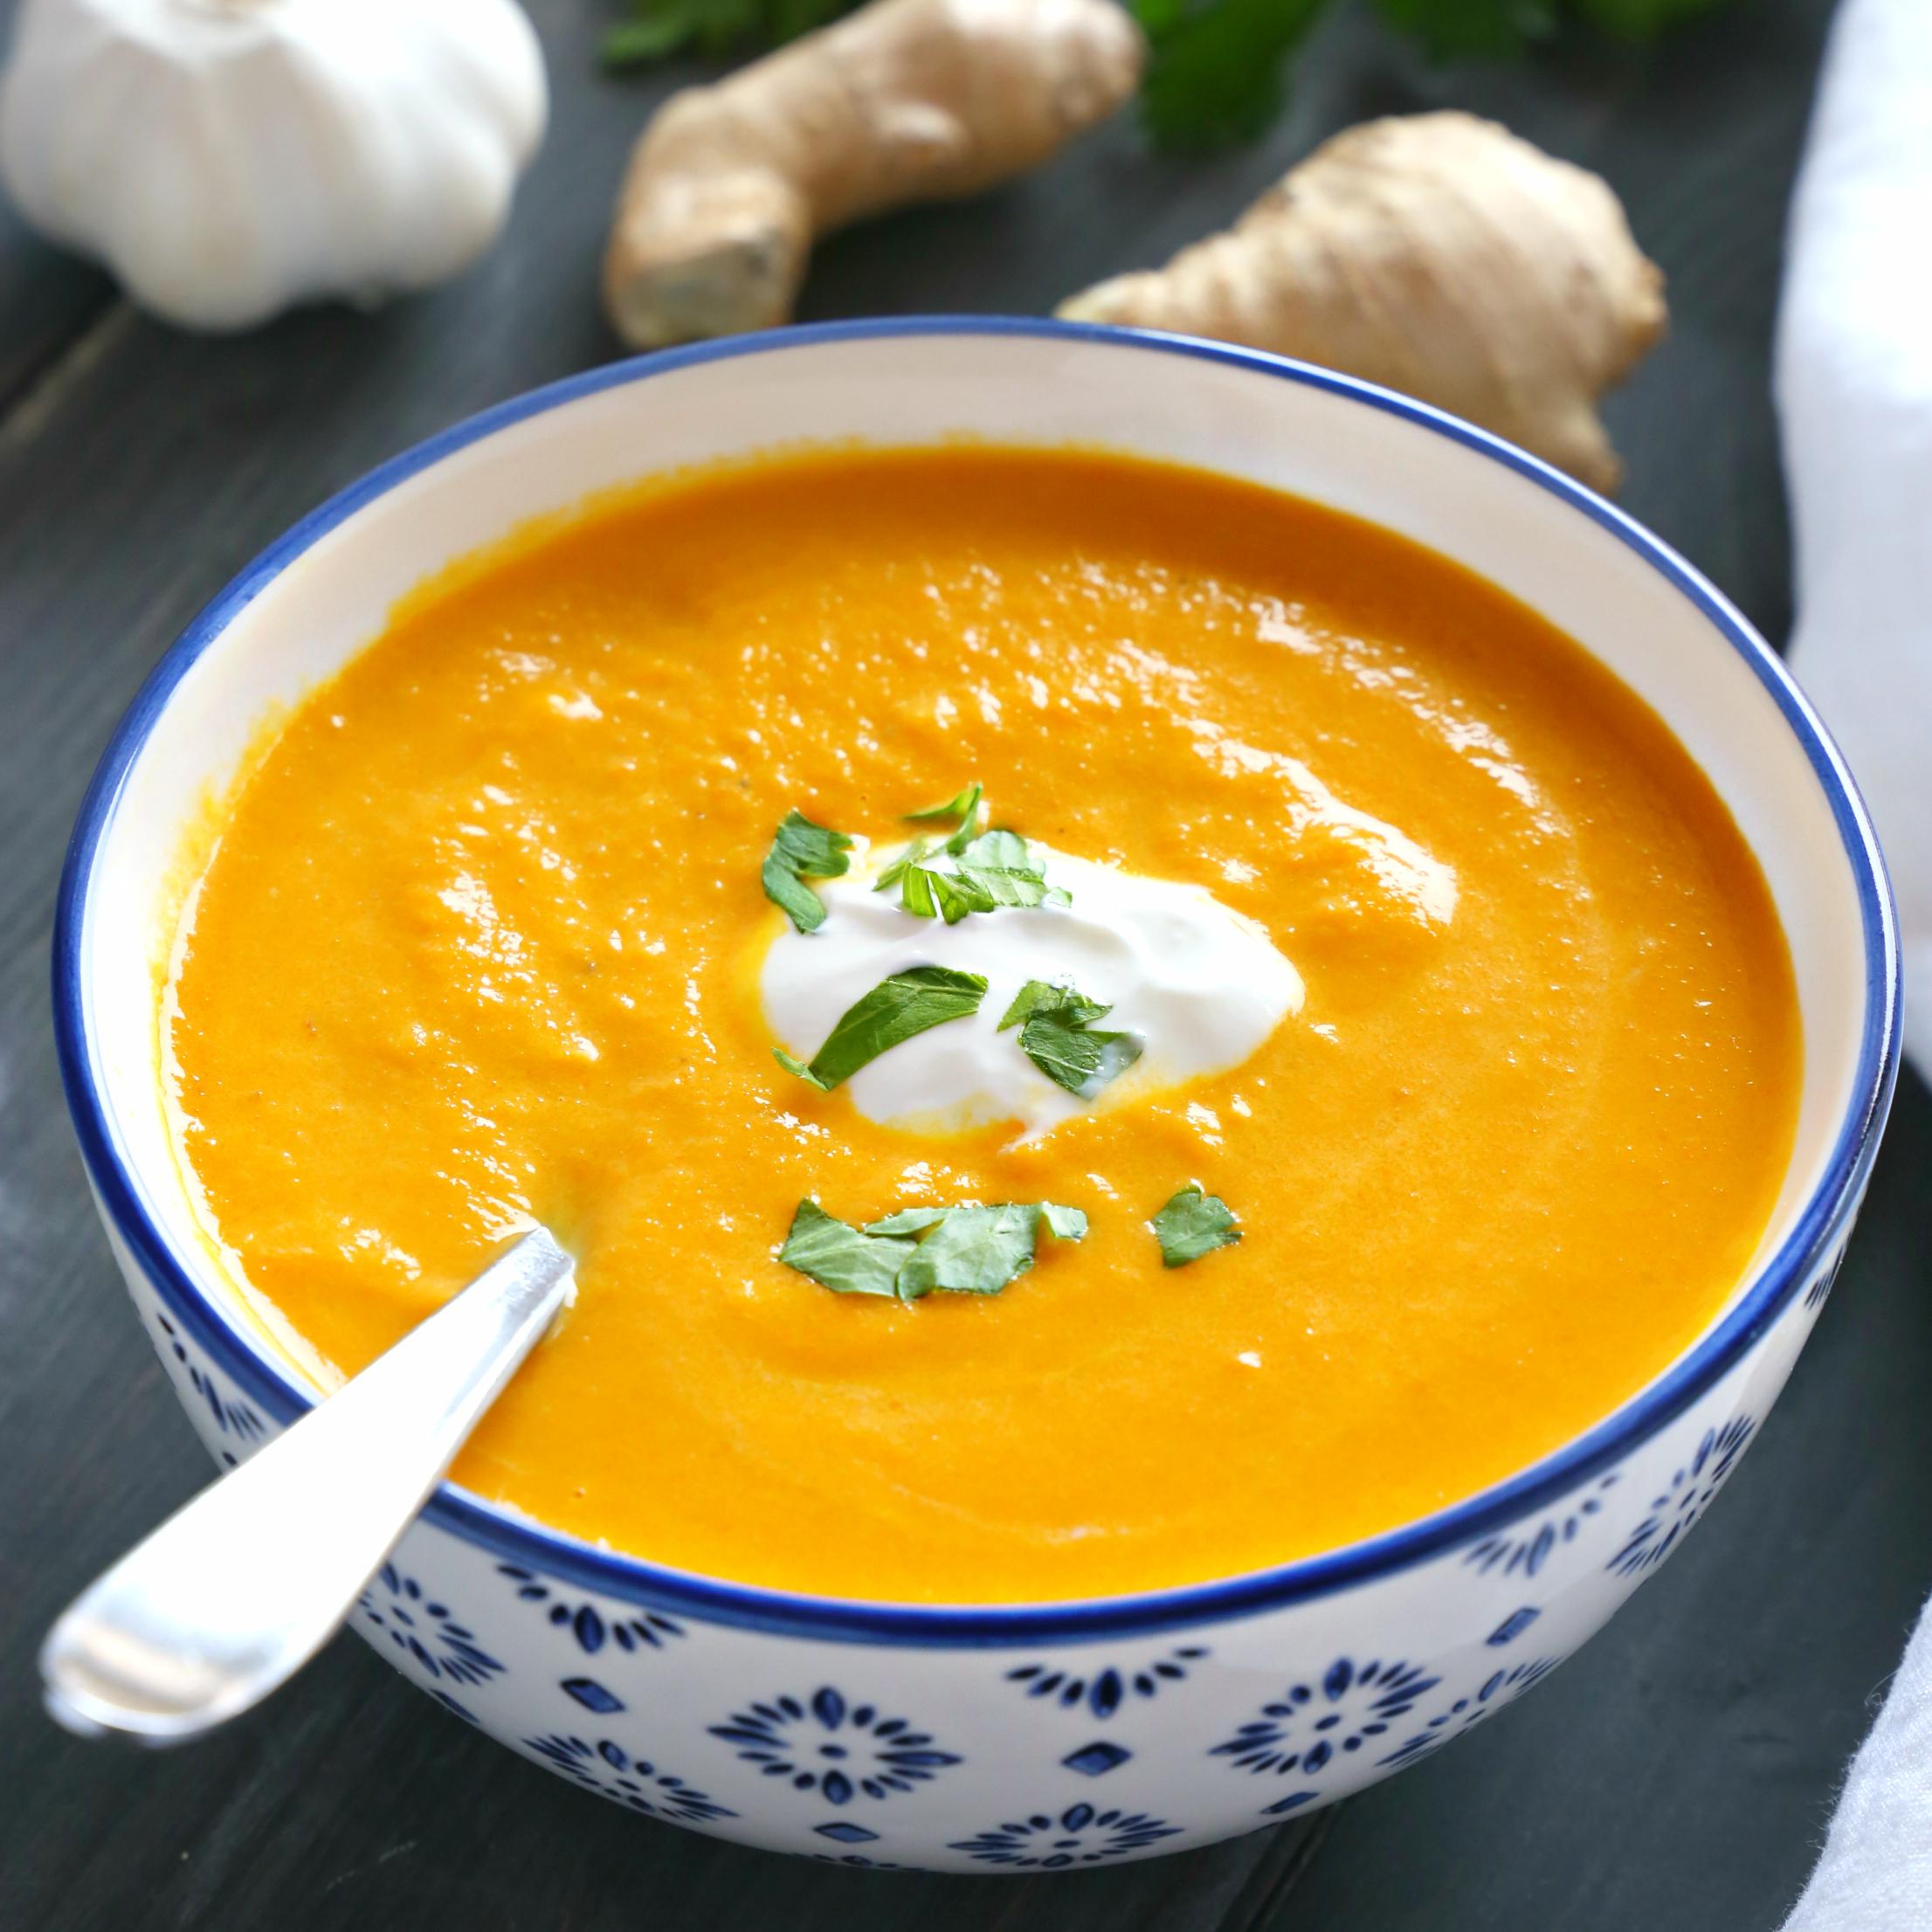 Kit soupe de carottes, lait de coco et gingembre